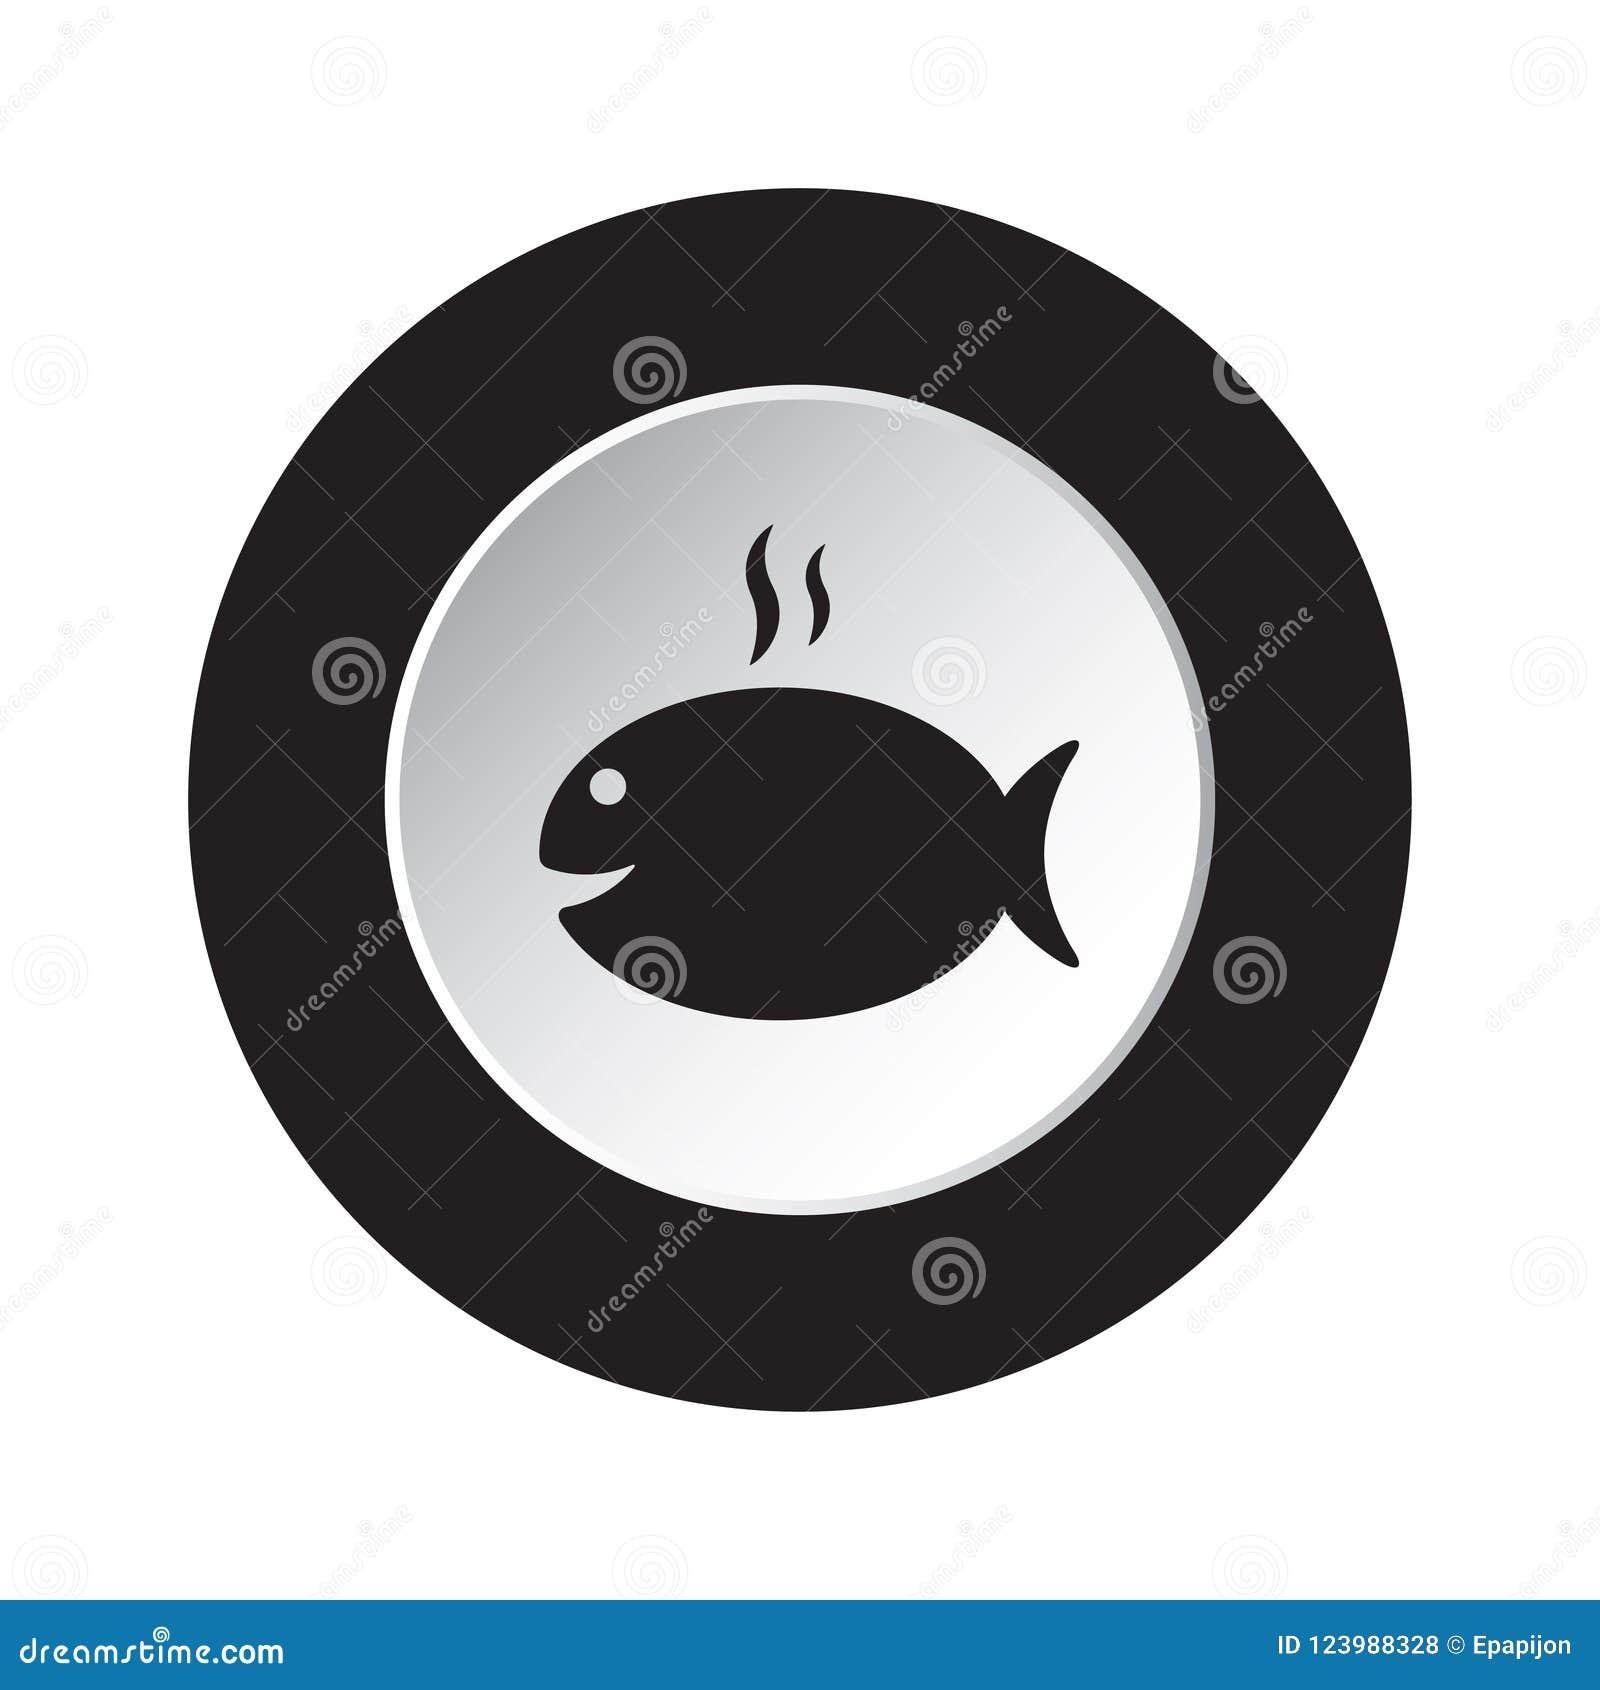 Round czarna, biała ikona, - opieczenie ryba z dymem